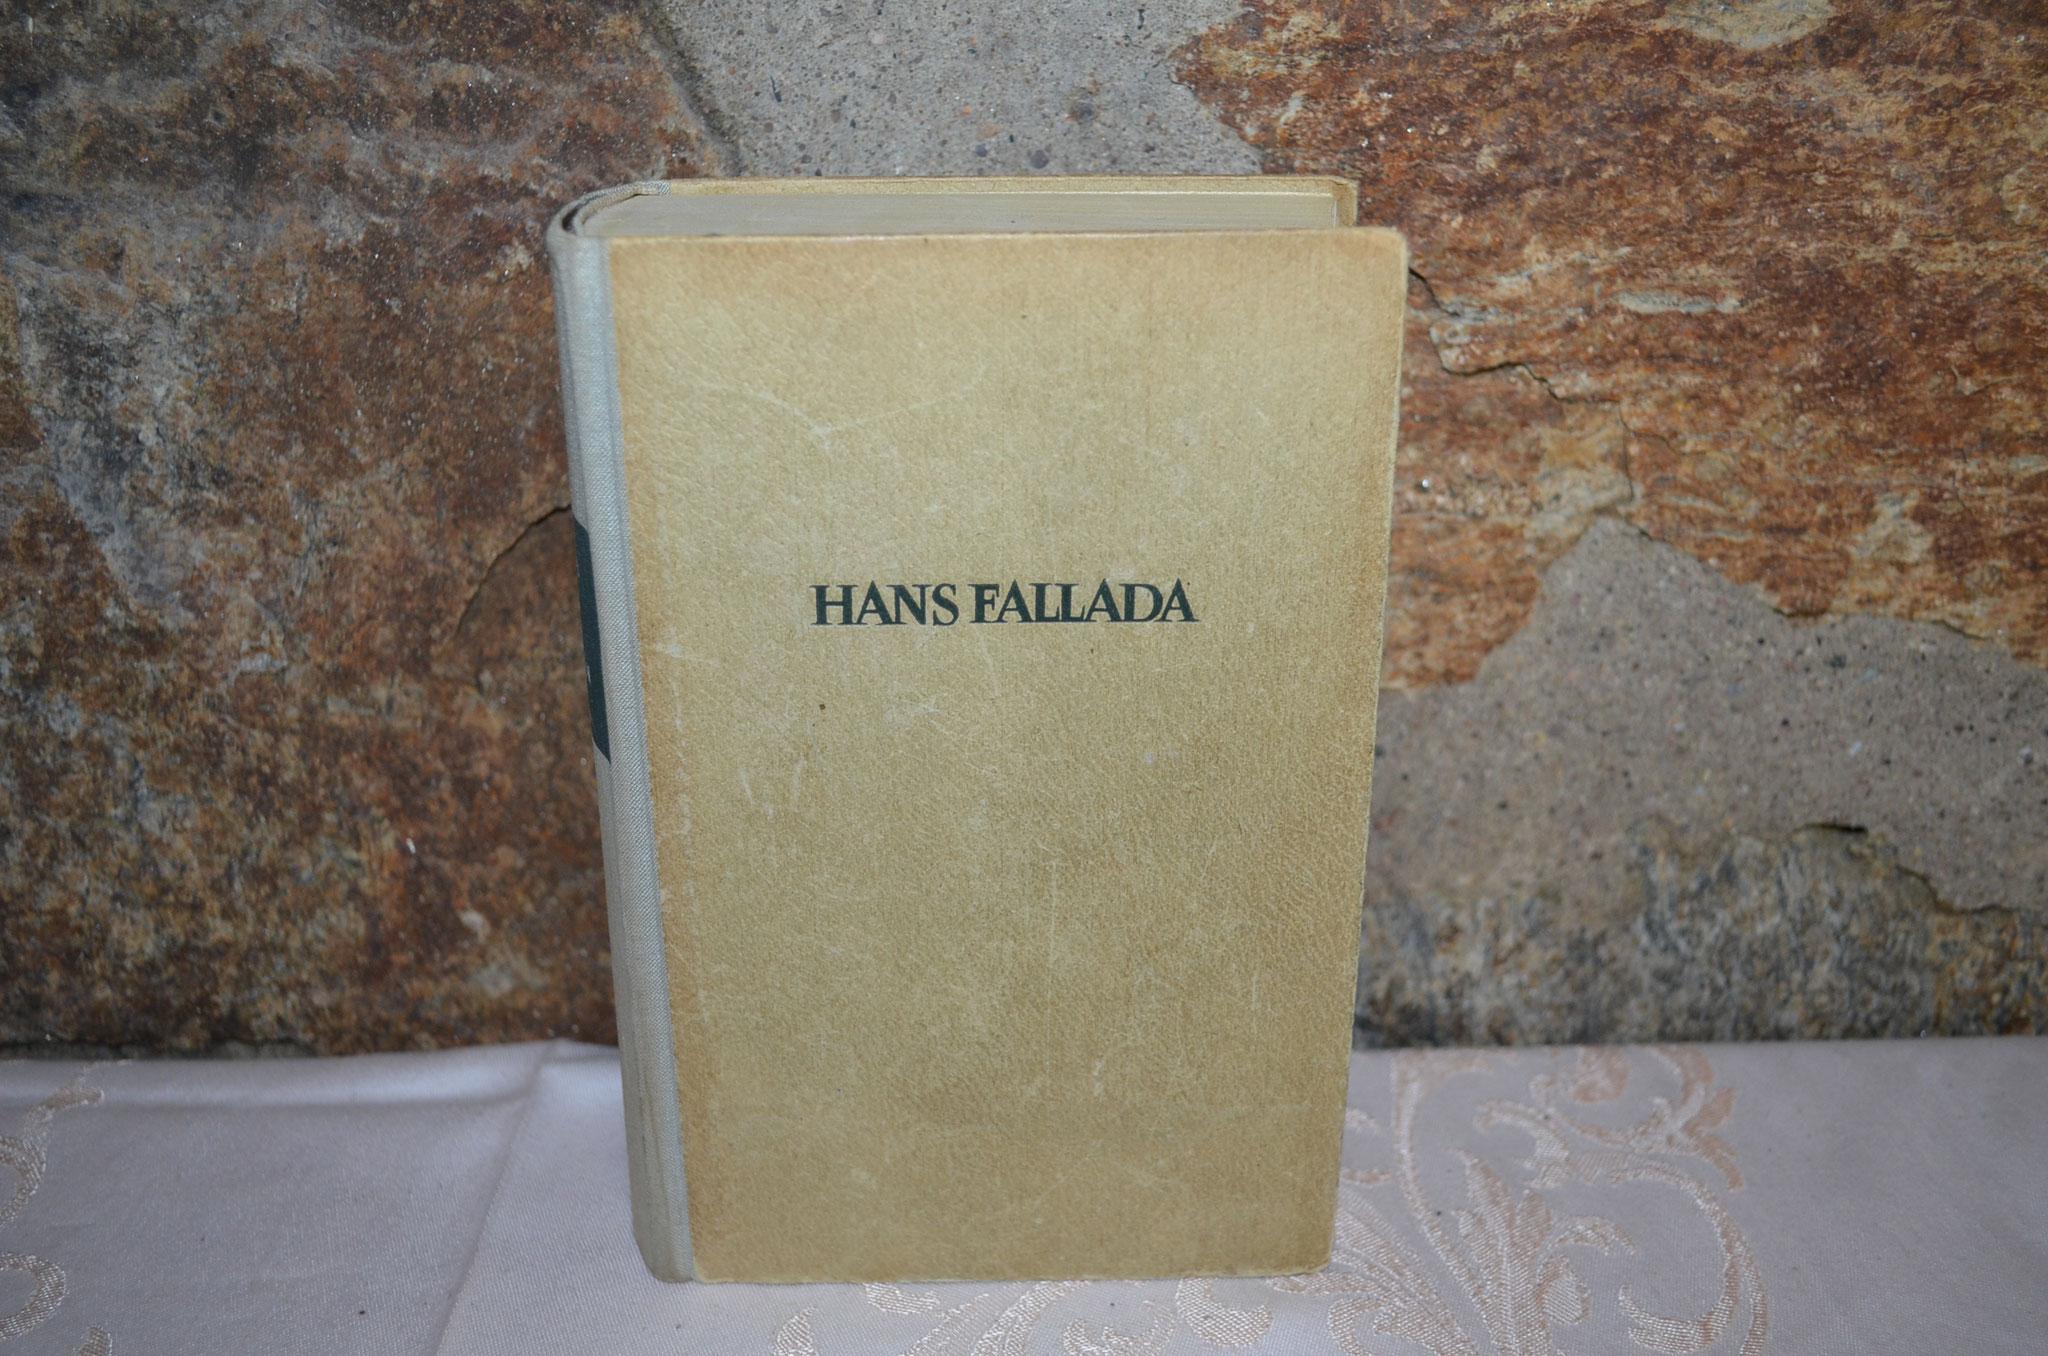 Hans Fallada, Wolf unter Wölfen von 1958. Preis: 4,90 €